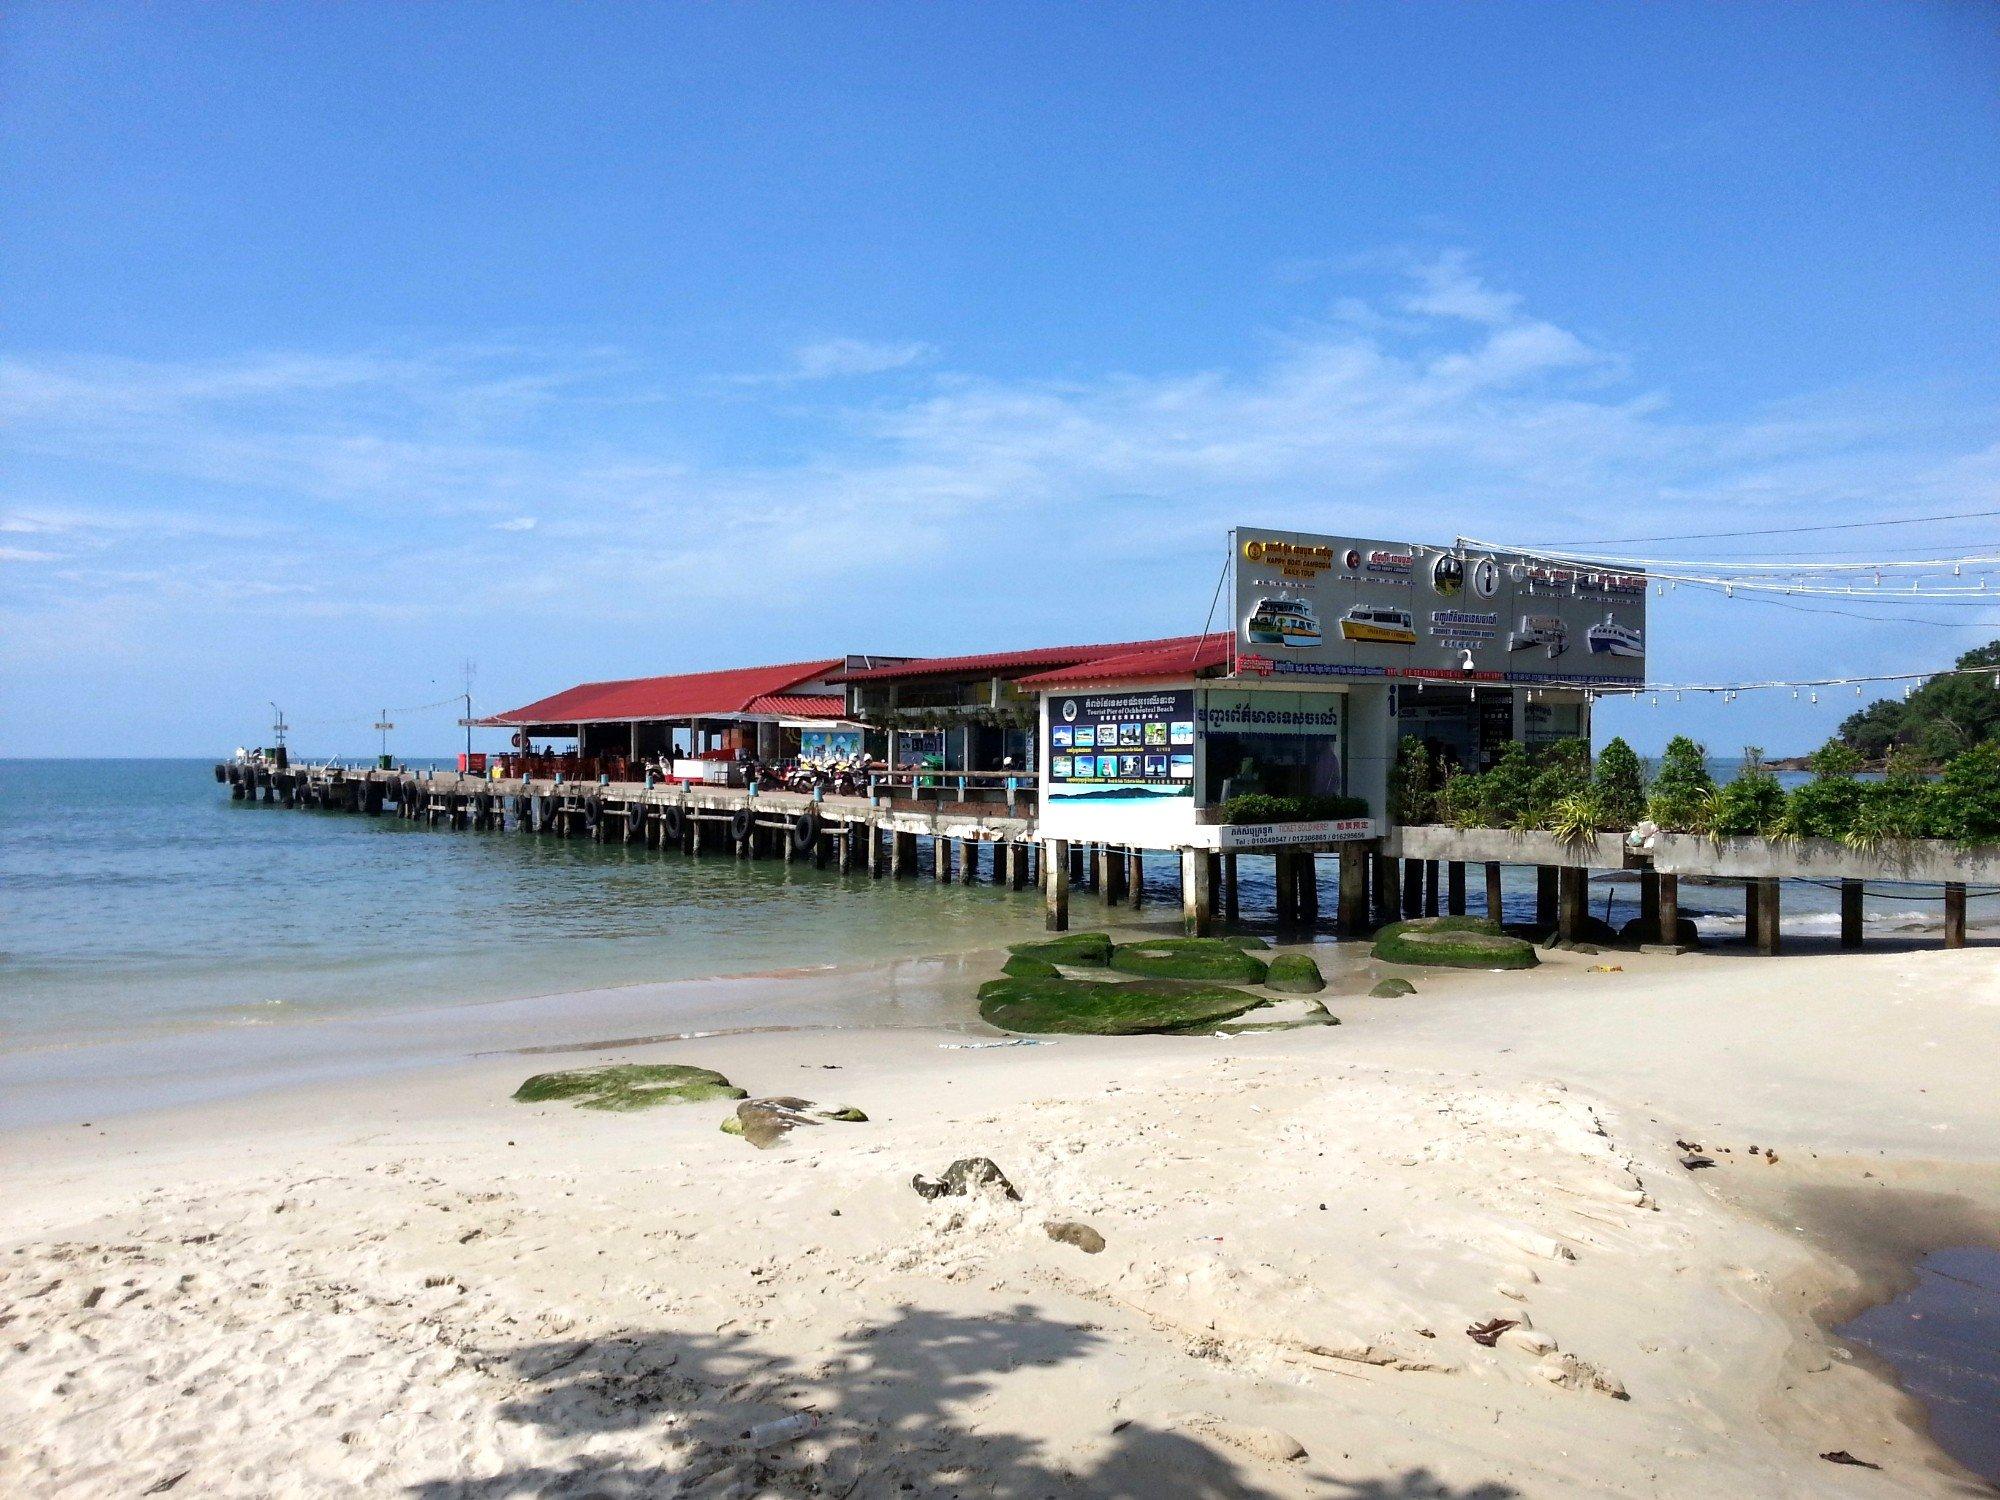 Ferry Pier in Sihanoukville